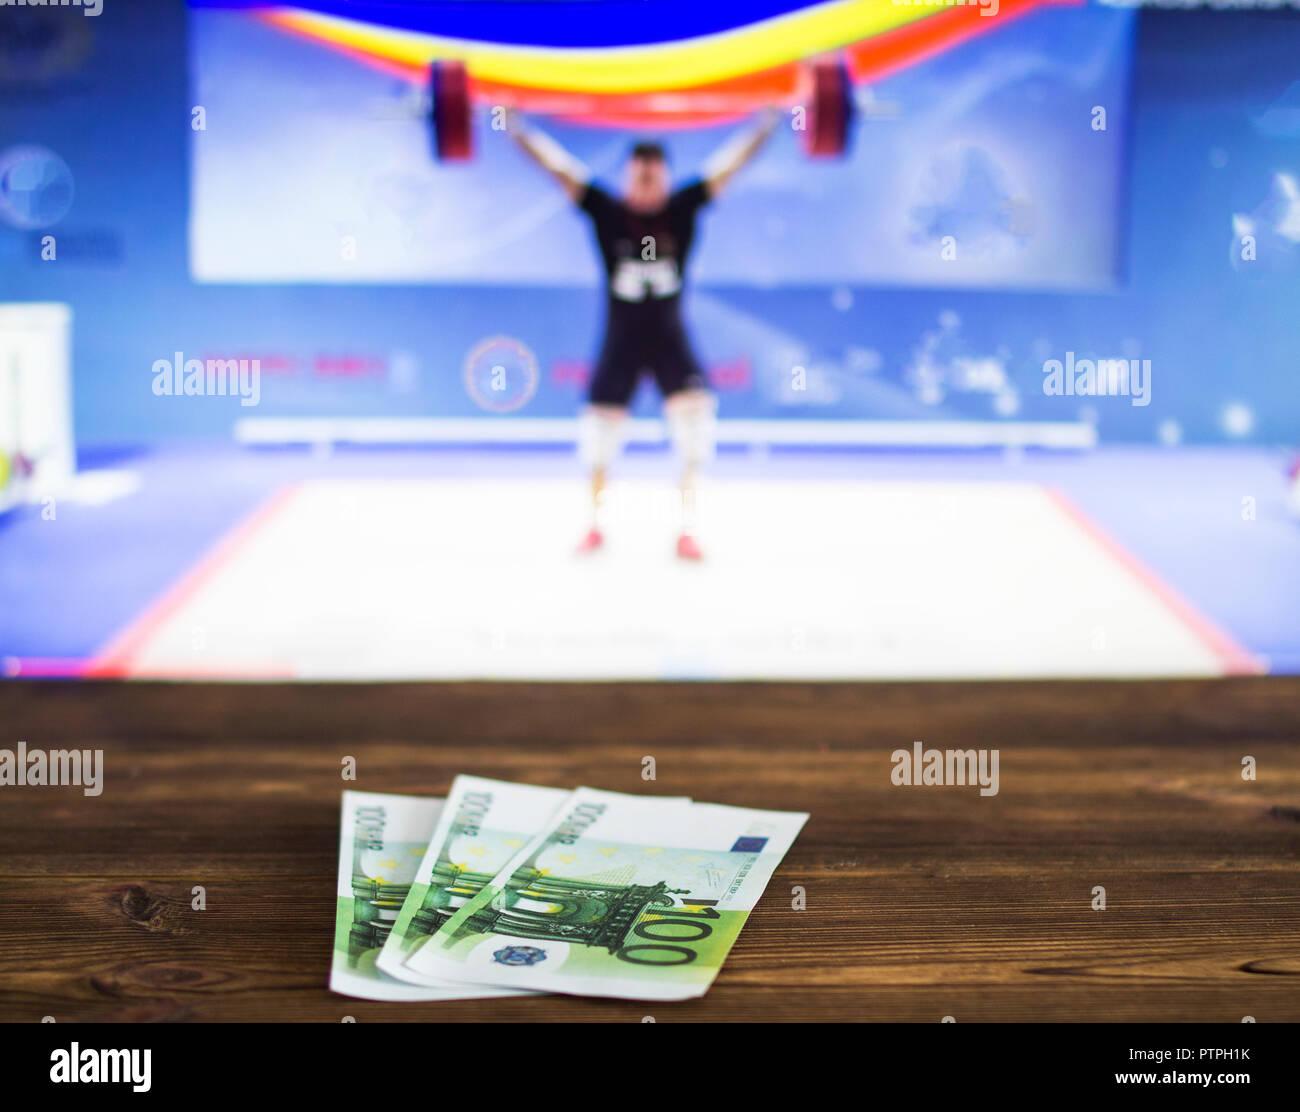 Euro dinero en el fondo de la TV en la que mostrar el levantamiento de pesas, apuestas deportivas, apuestas Imagen De Stock